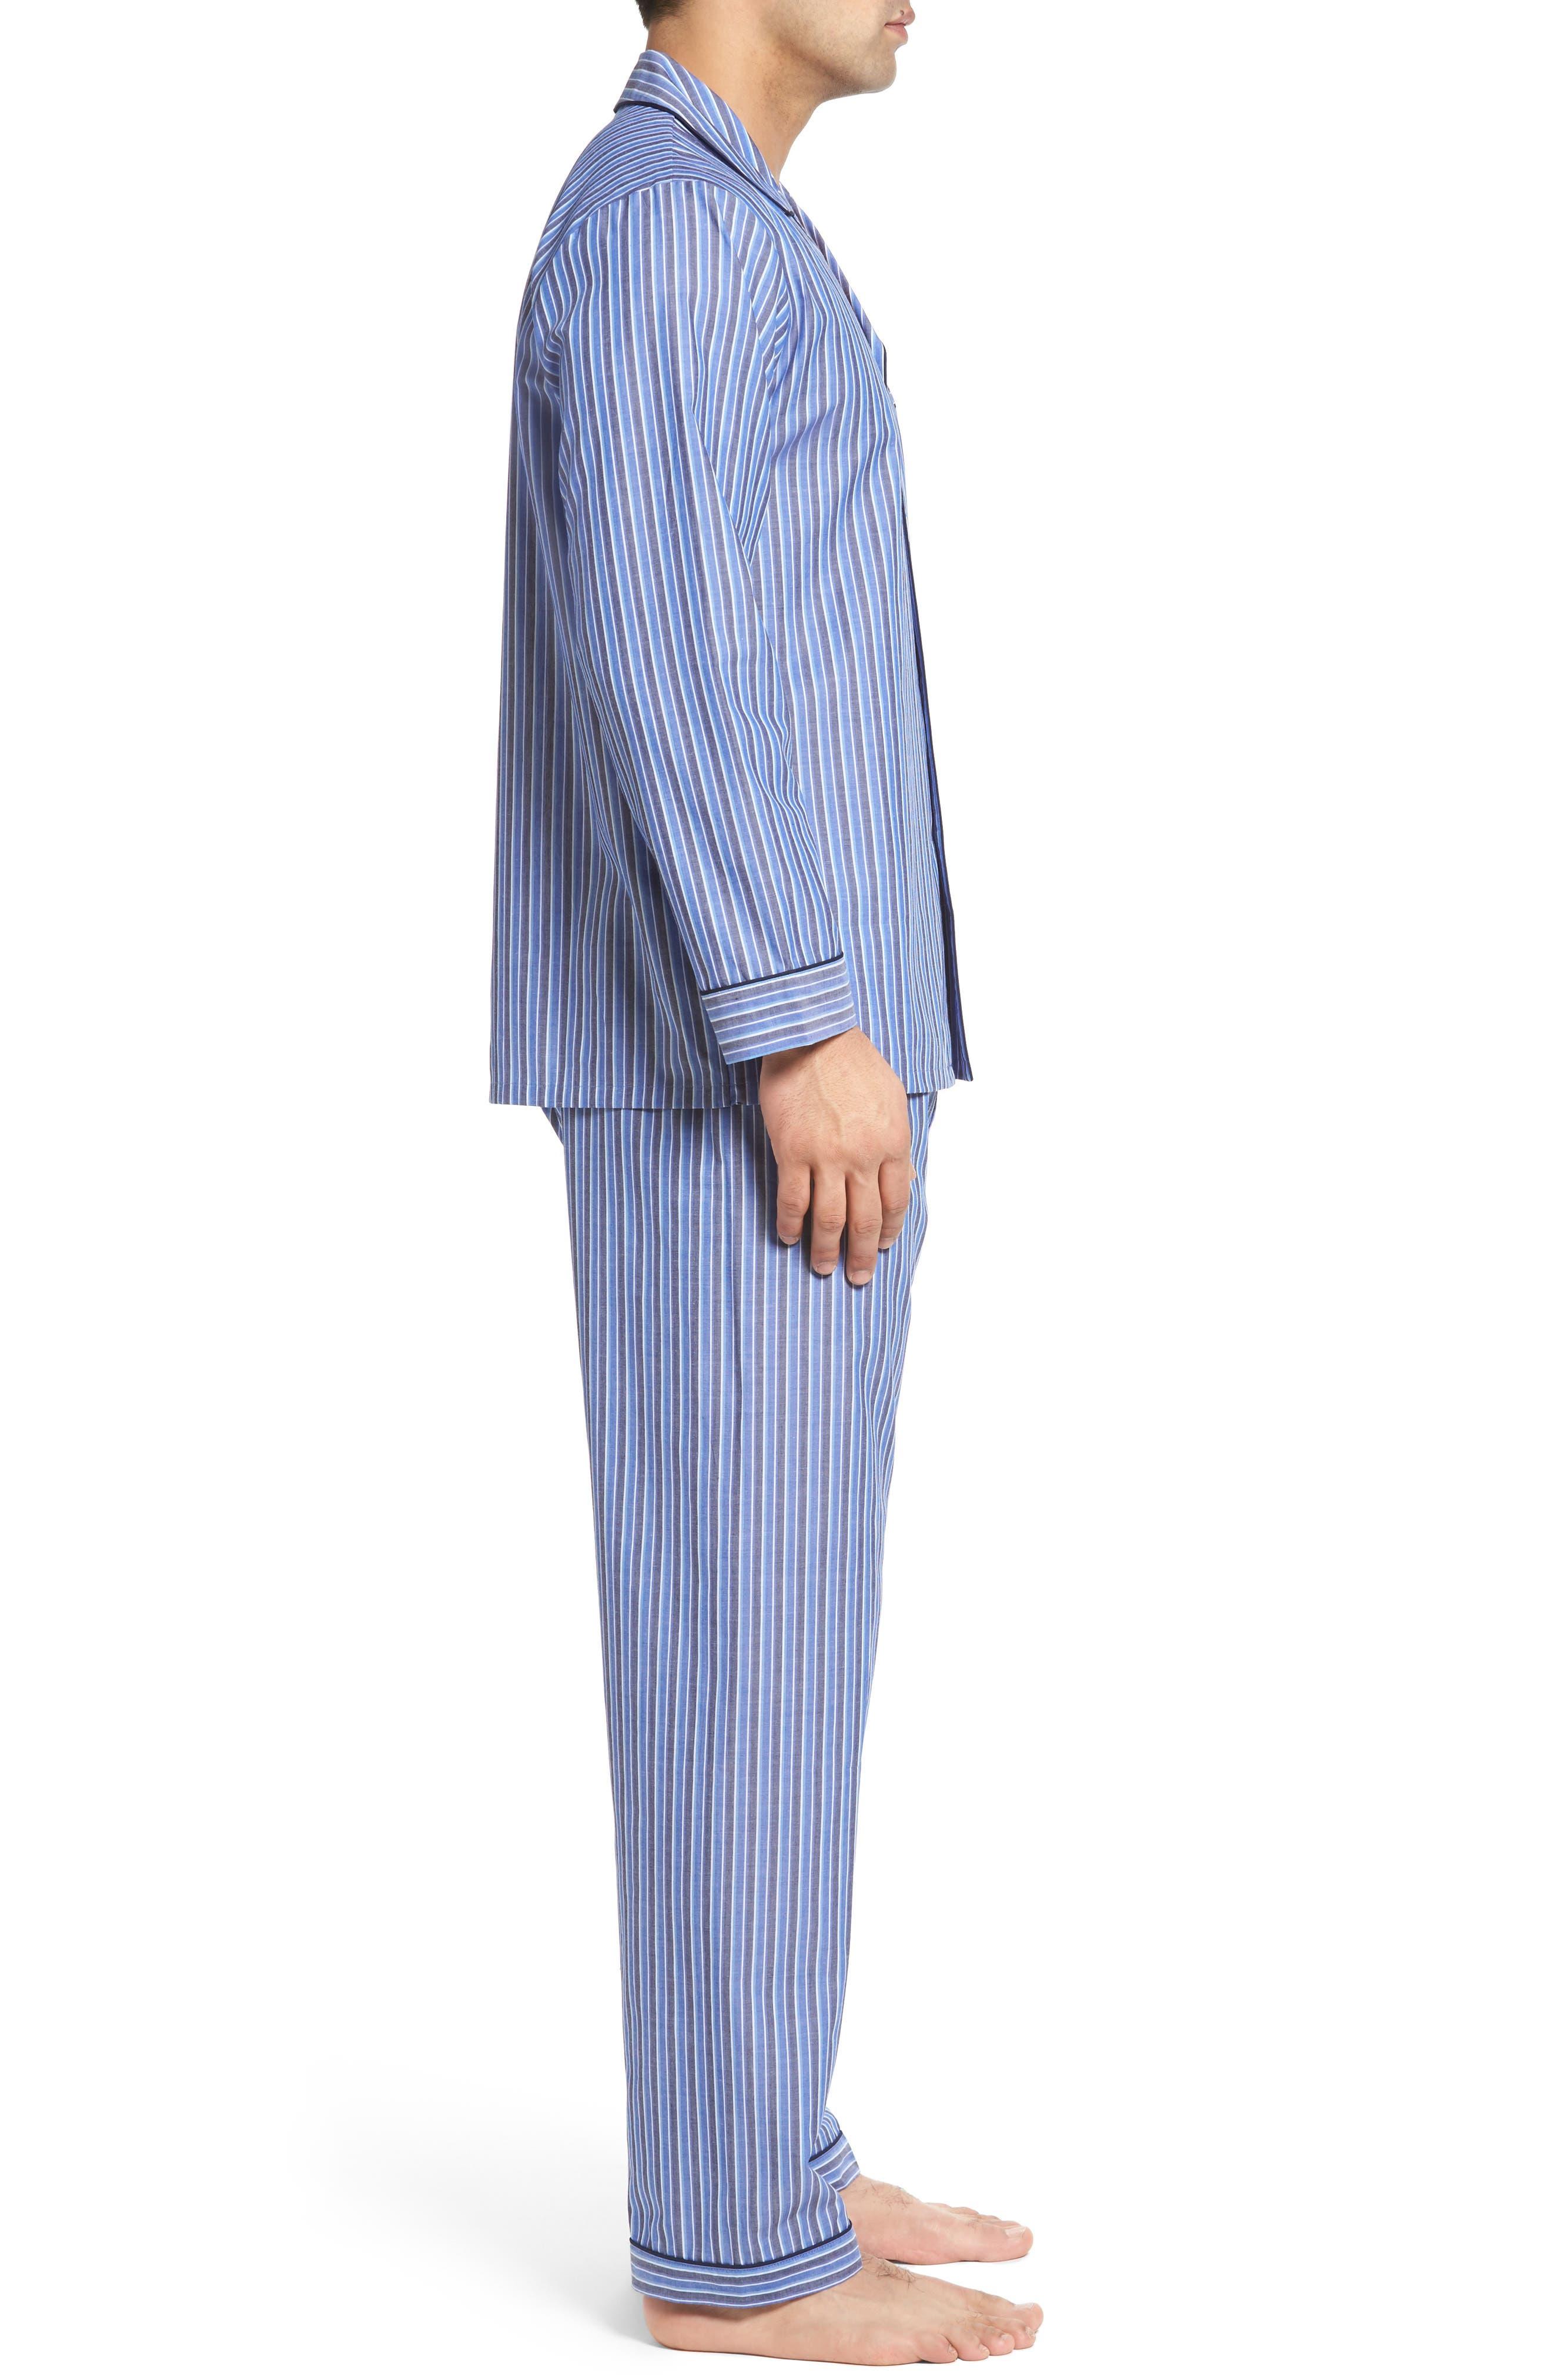 Cole Cotton Blend Pajama Set,                             Alternate thumbnail 3, color,